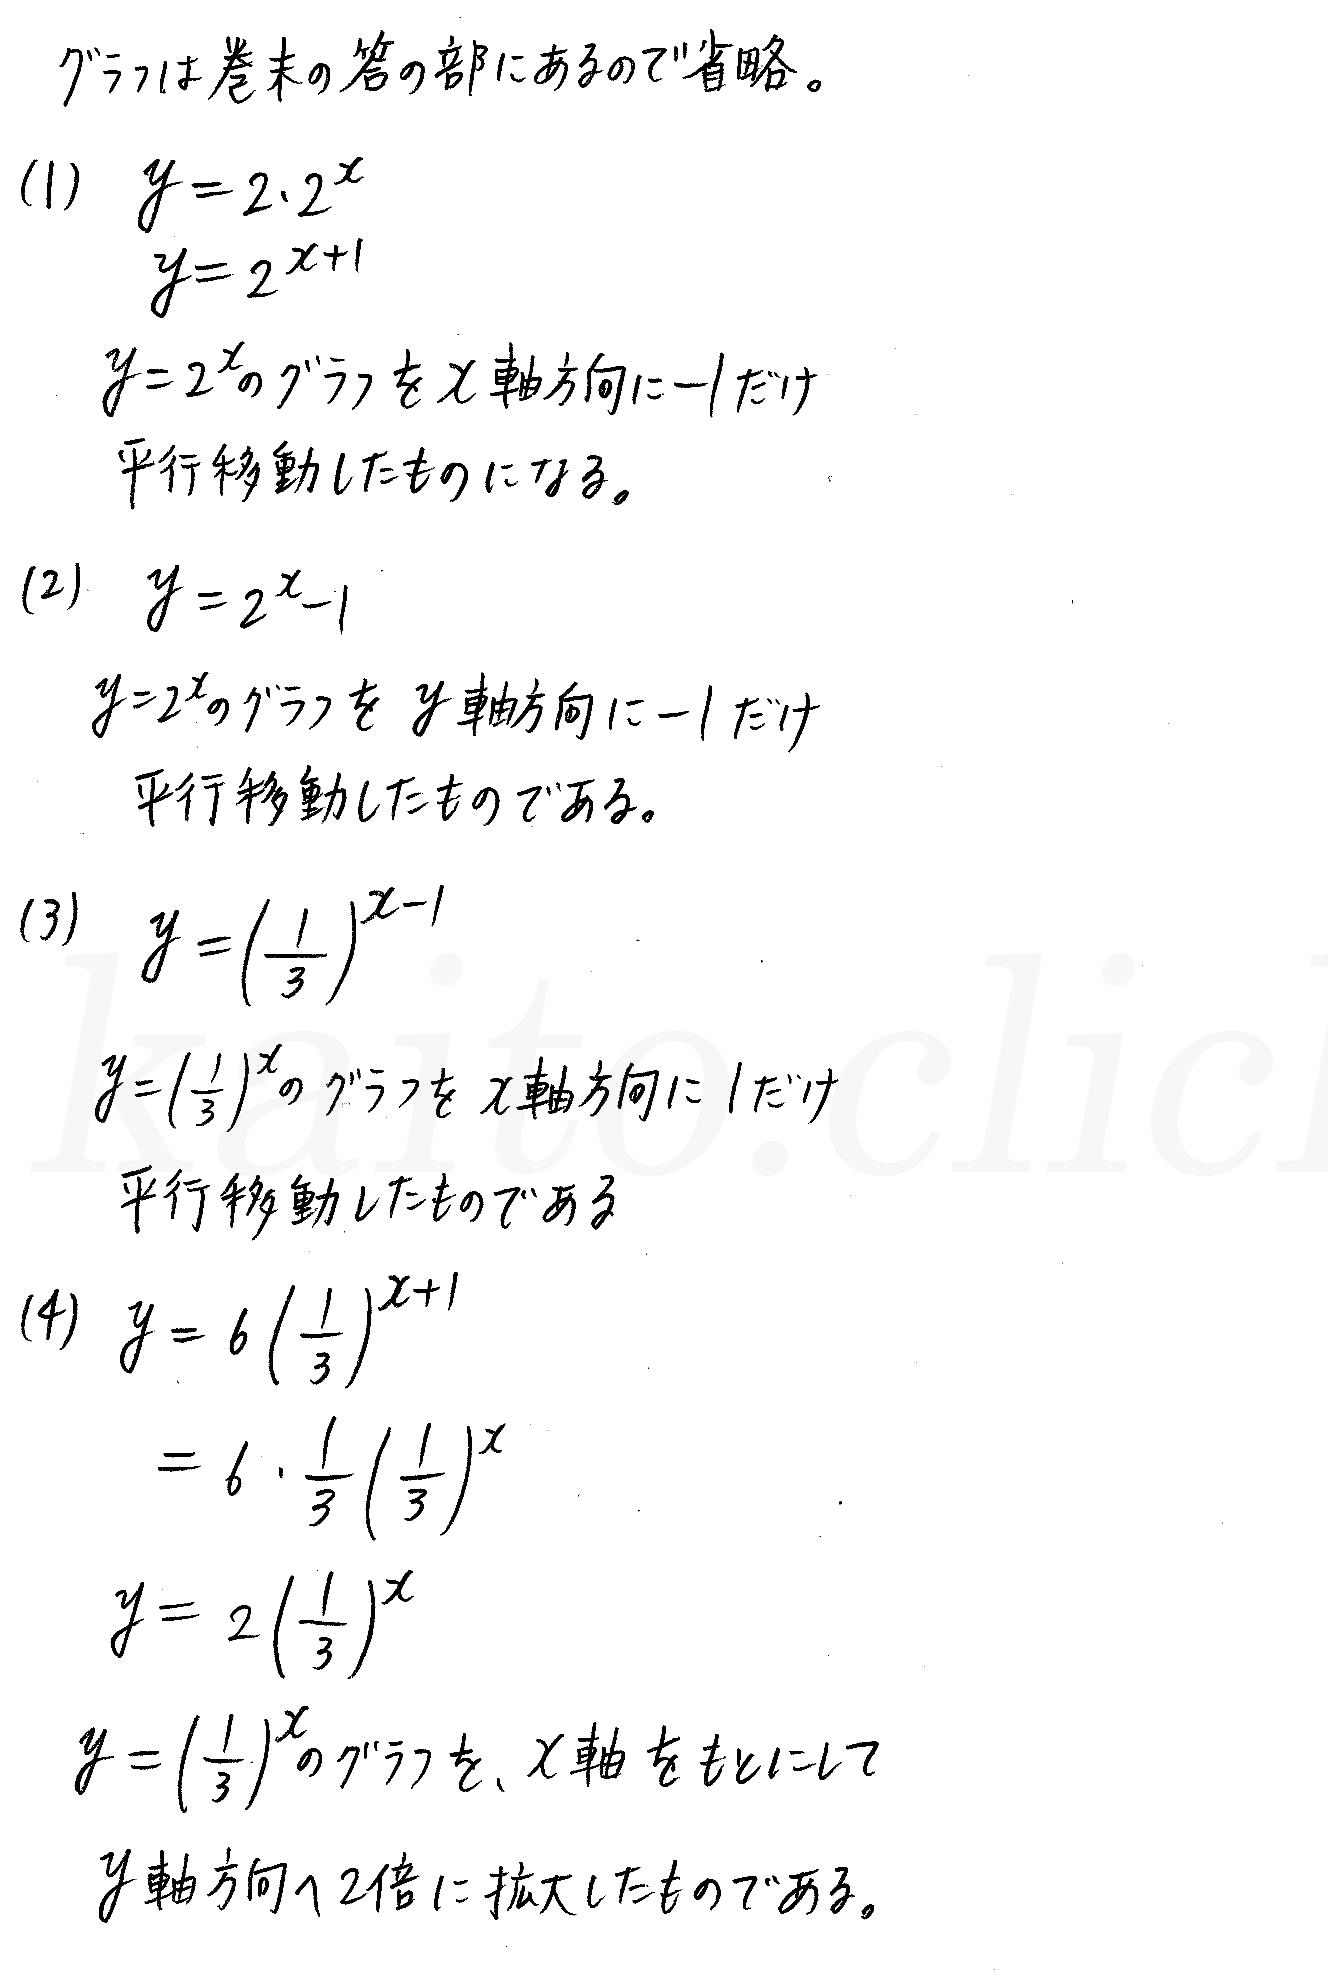 クリアー数学2-334解答